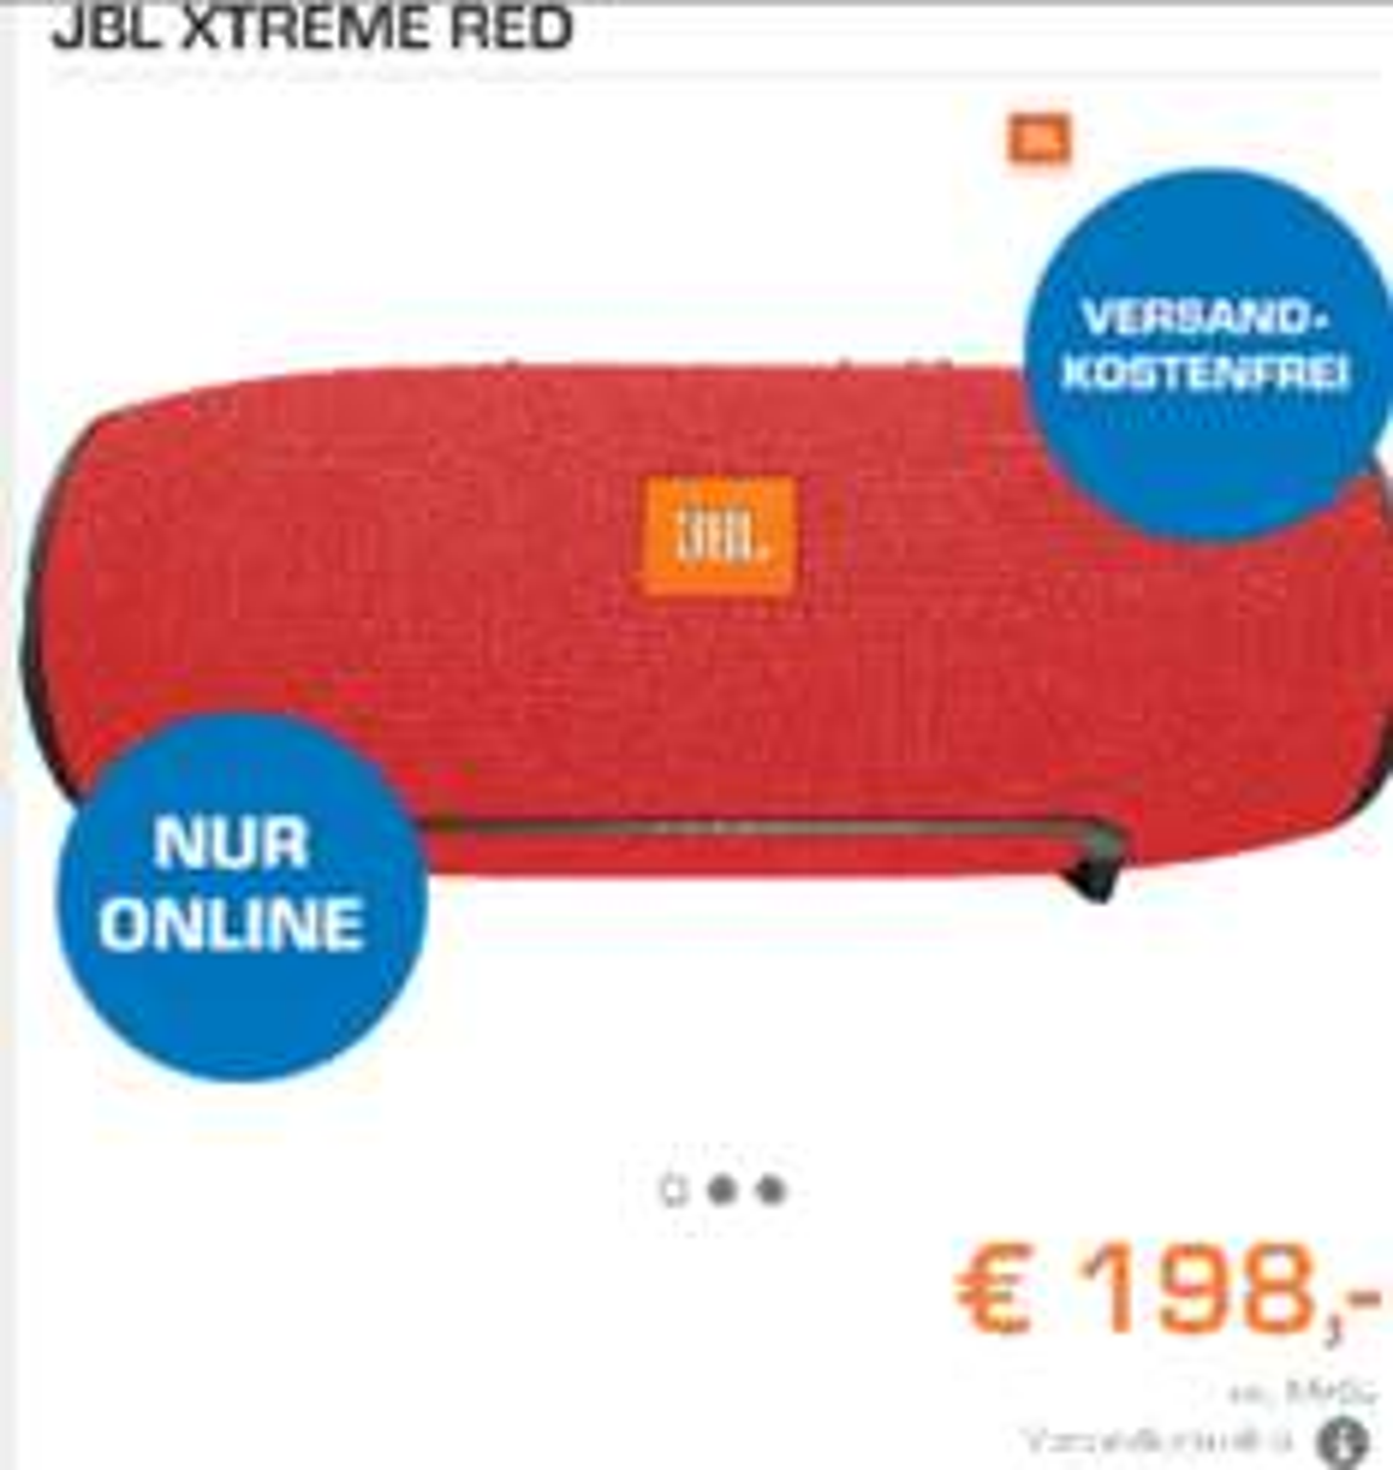 JBL XTREME (BLUETOOTH LAUTSPRECHER) 193€(MIT NEWSLETTERANMEDLUNG)